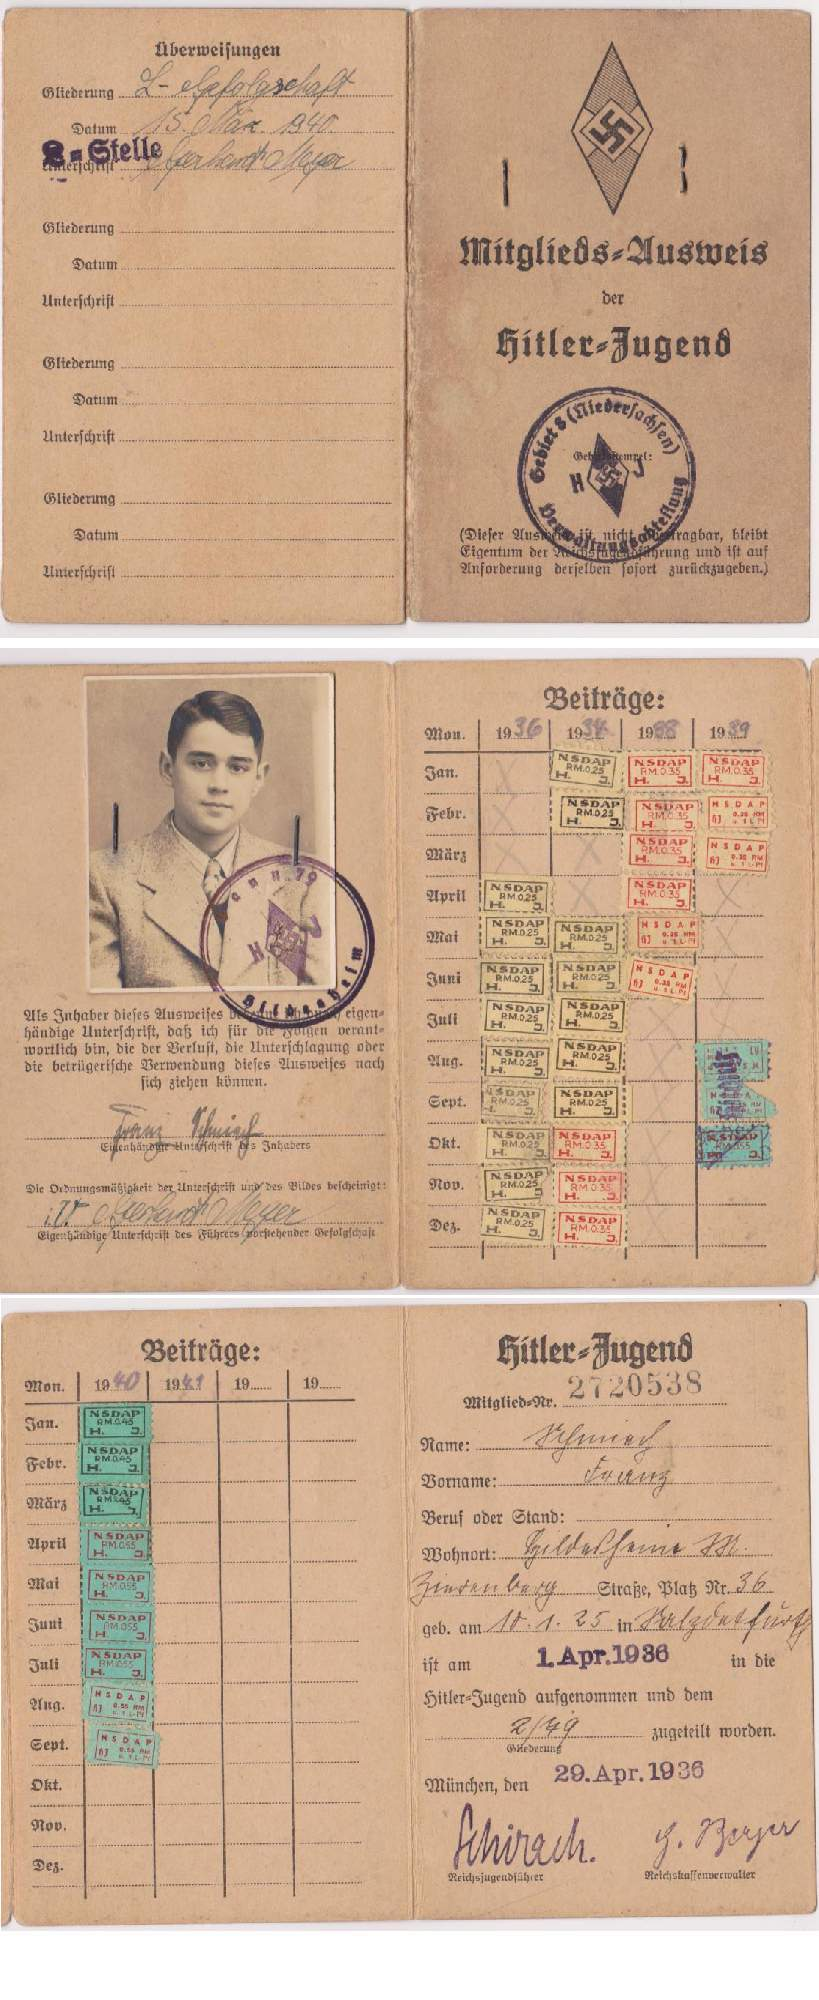 HJ Member ID book